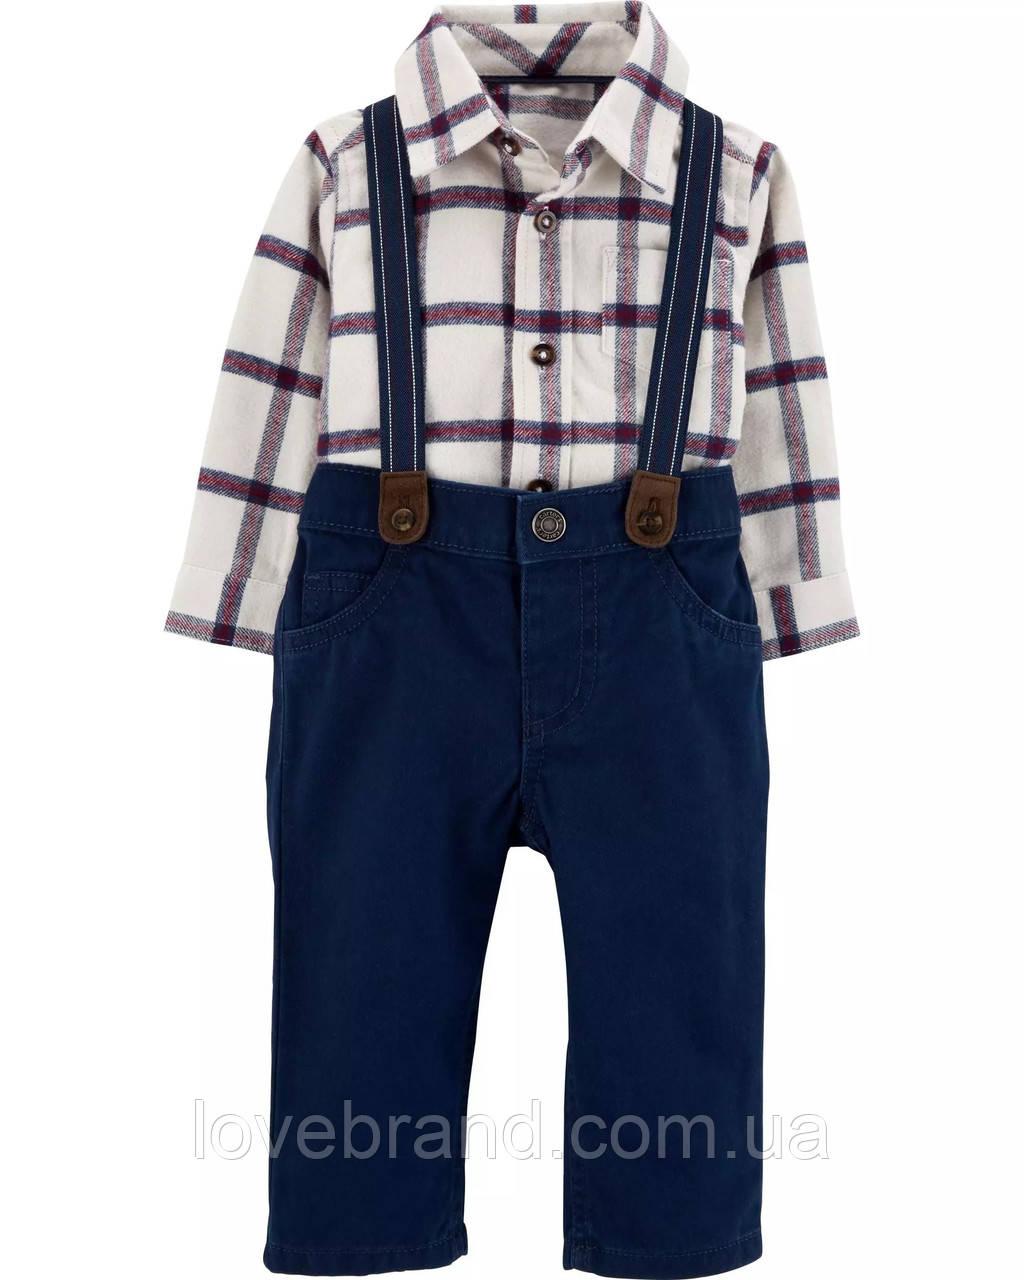 Нарядный костюм для мальчика Carter's (США) штаны на подтяжки + рубашка-боди 12 мес/72-78 см